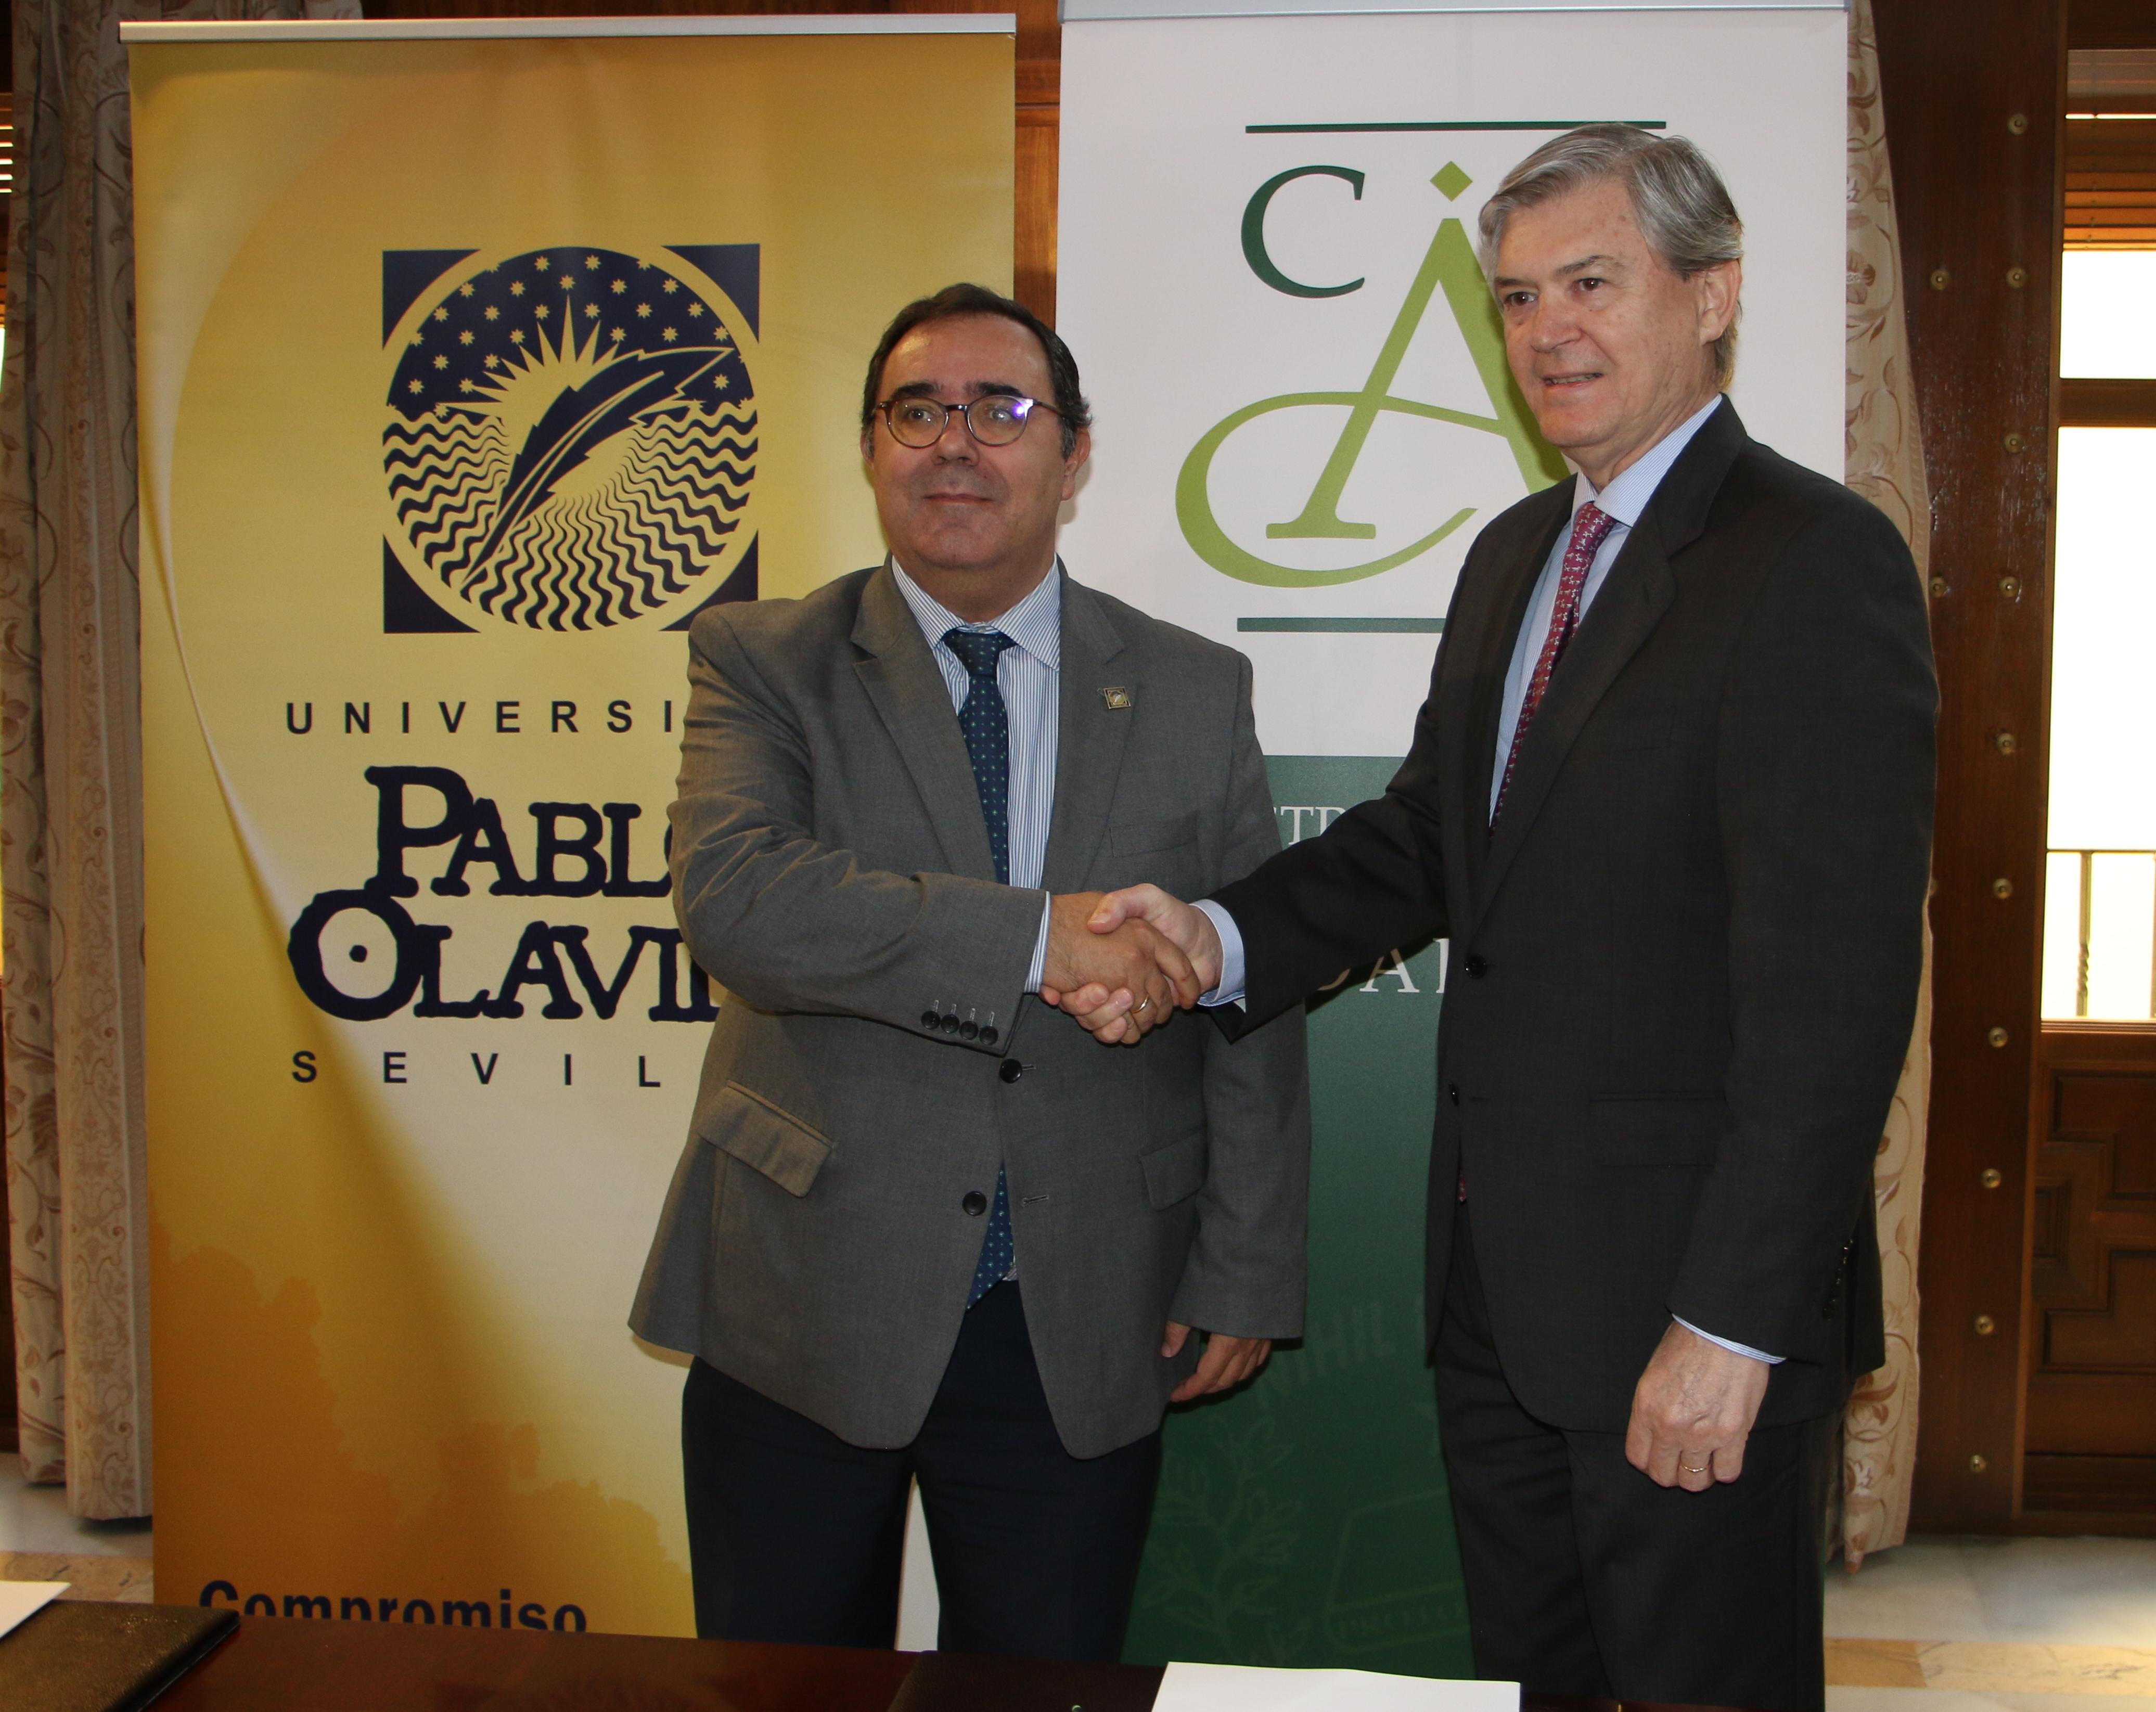 NOTA DE PRENSA: EL COLEGIO NOTARIAL DE ANDALUCÍA Y LA UNIVERSIDAD PABLO DE OLAVIDE CREAN UNA CÁTEDRA SOBRE DERECHO INTERNACIONAL Y COMPARADO